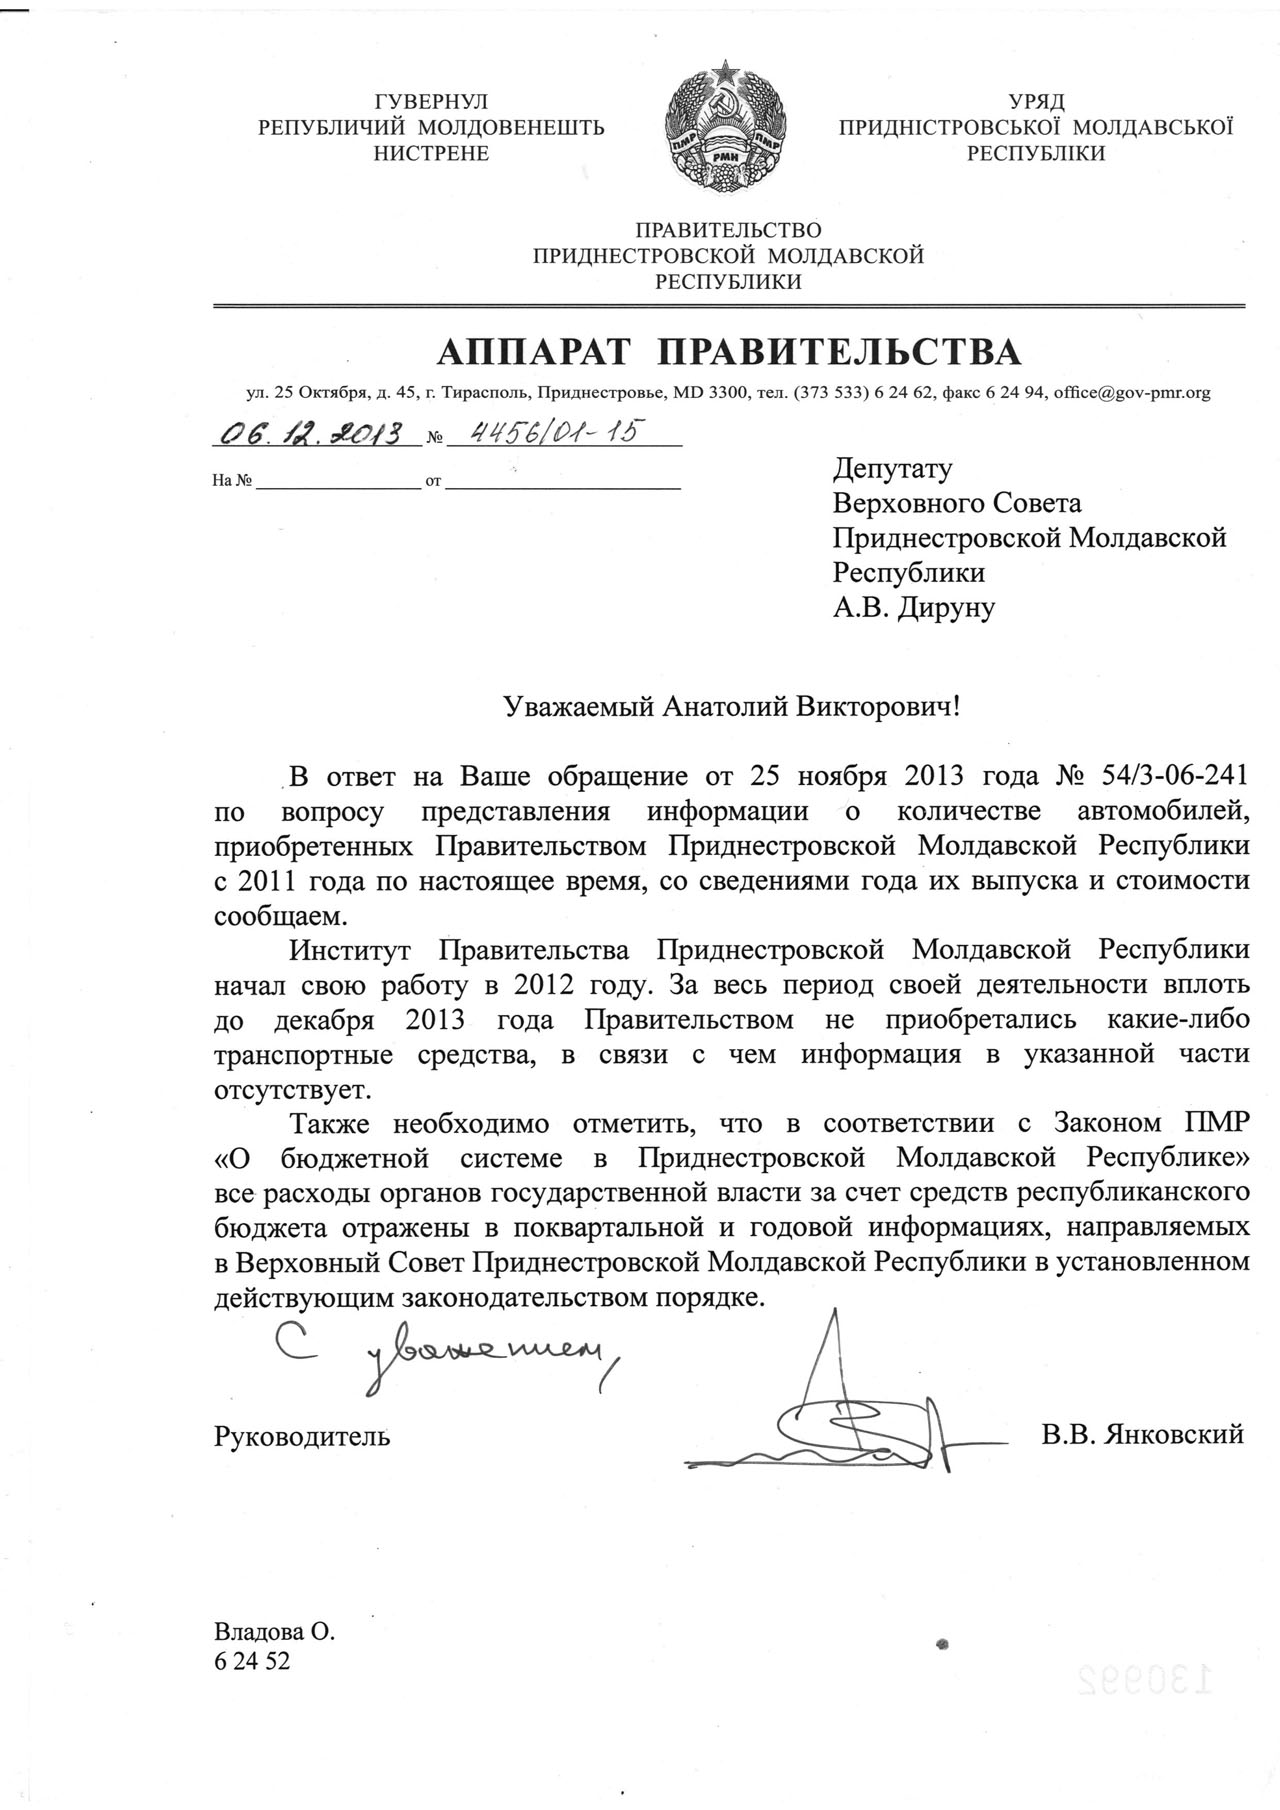 2013_deputatskii_zapros_avtomobili_1-1.jpg